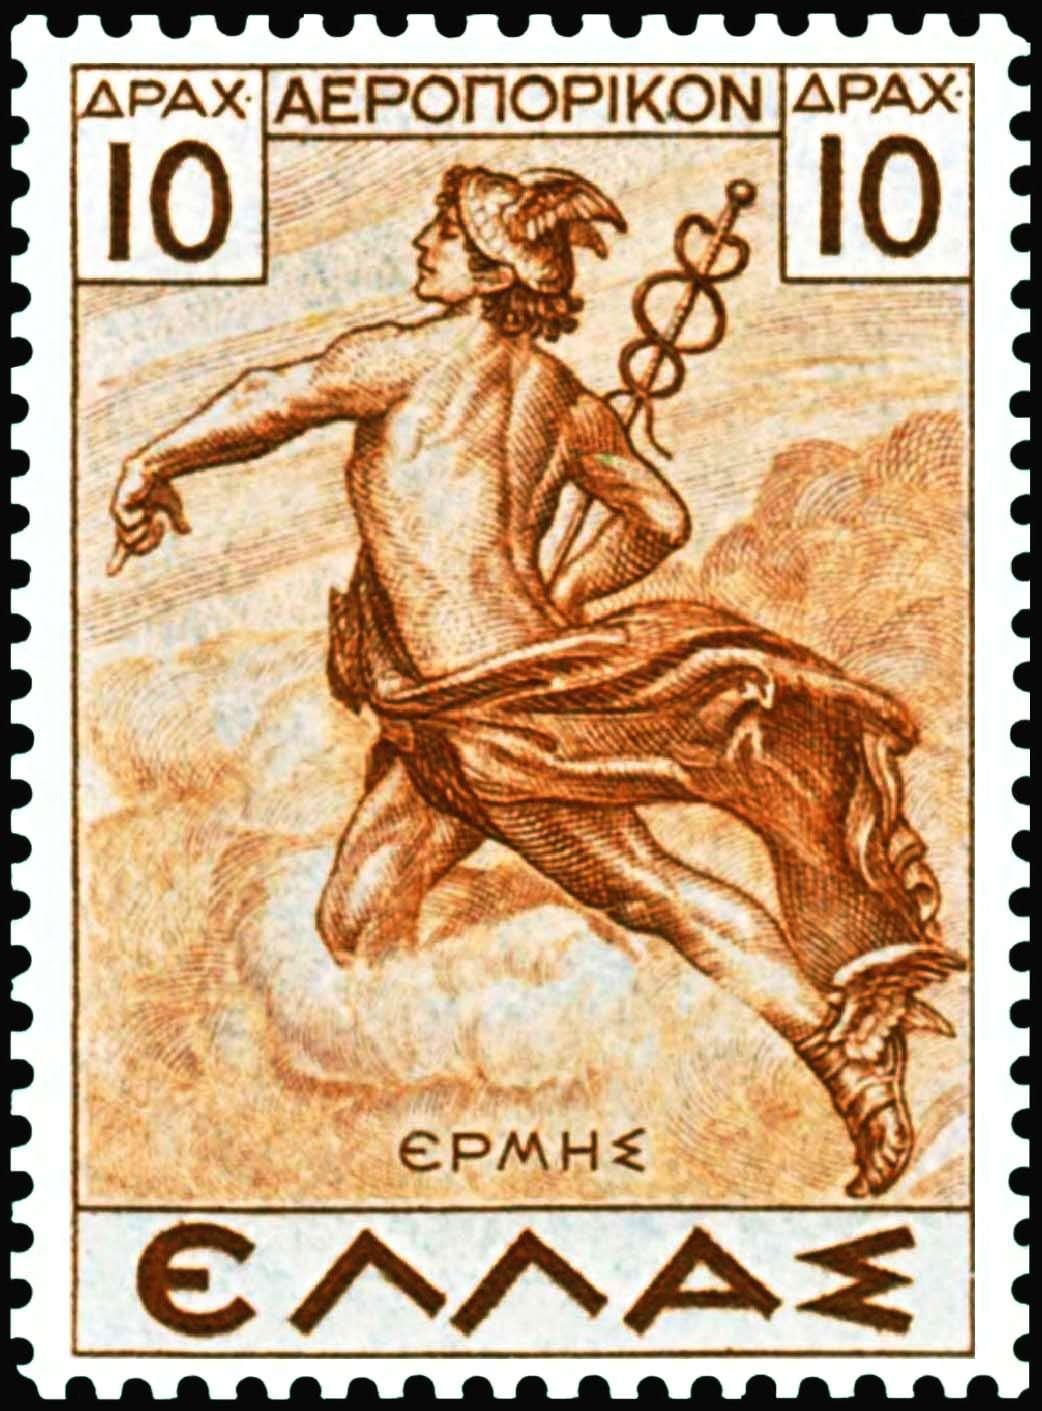 Ελληνικό γραμματόσημο του 1935. Ο Ερμής, ο αγγελιοφόρος των Θεών, μεταφέρει μήνυμα.